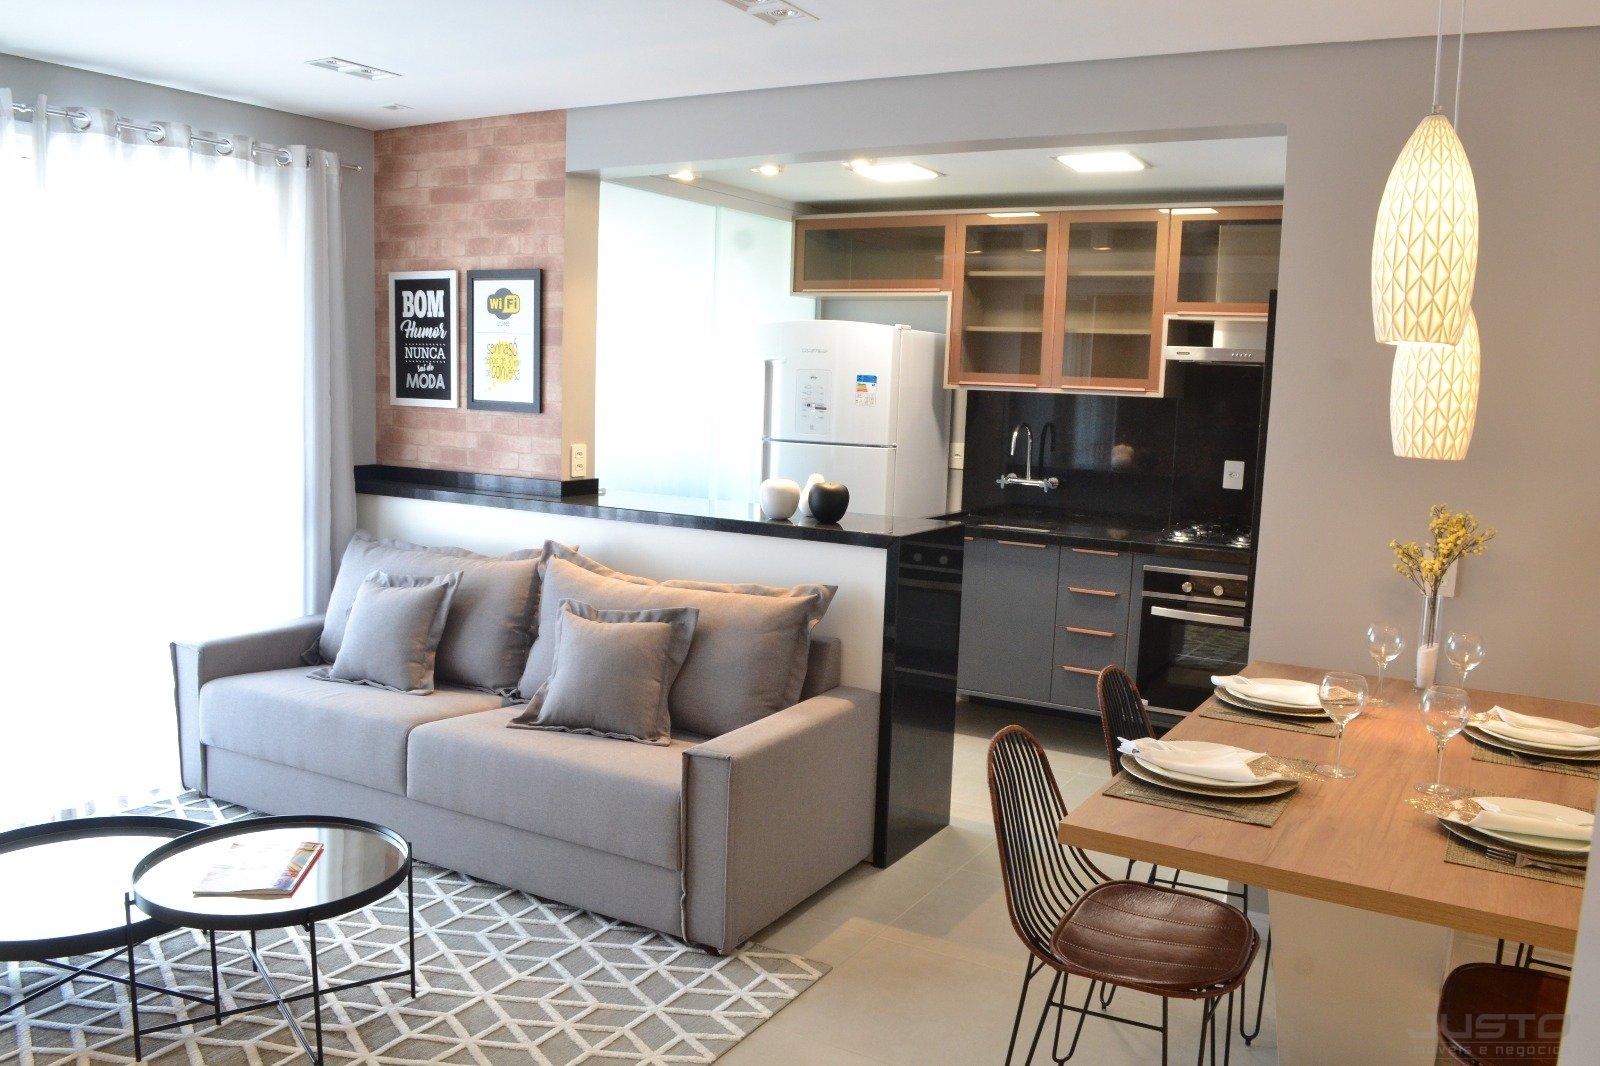 09 - Apartamento Decorado - Sala/Cozinha